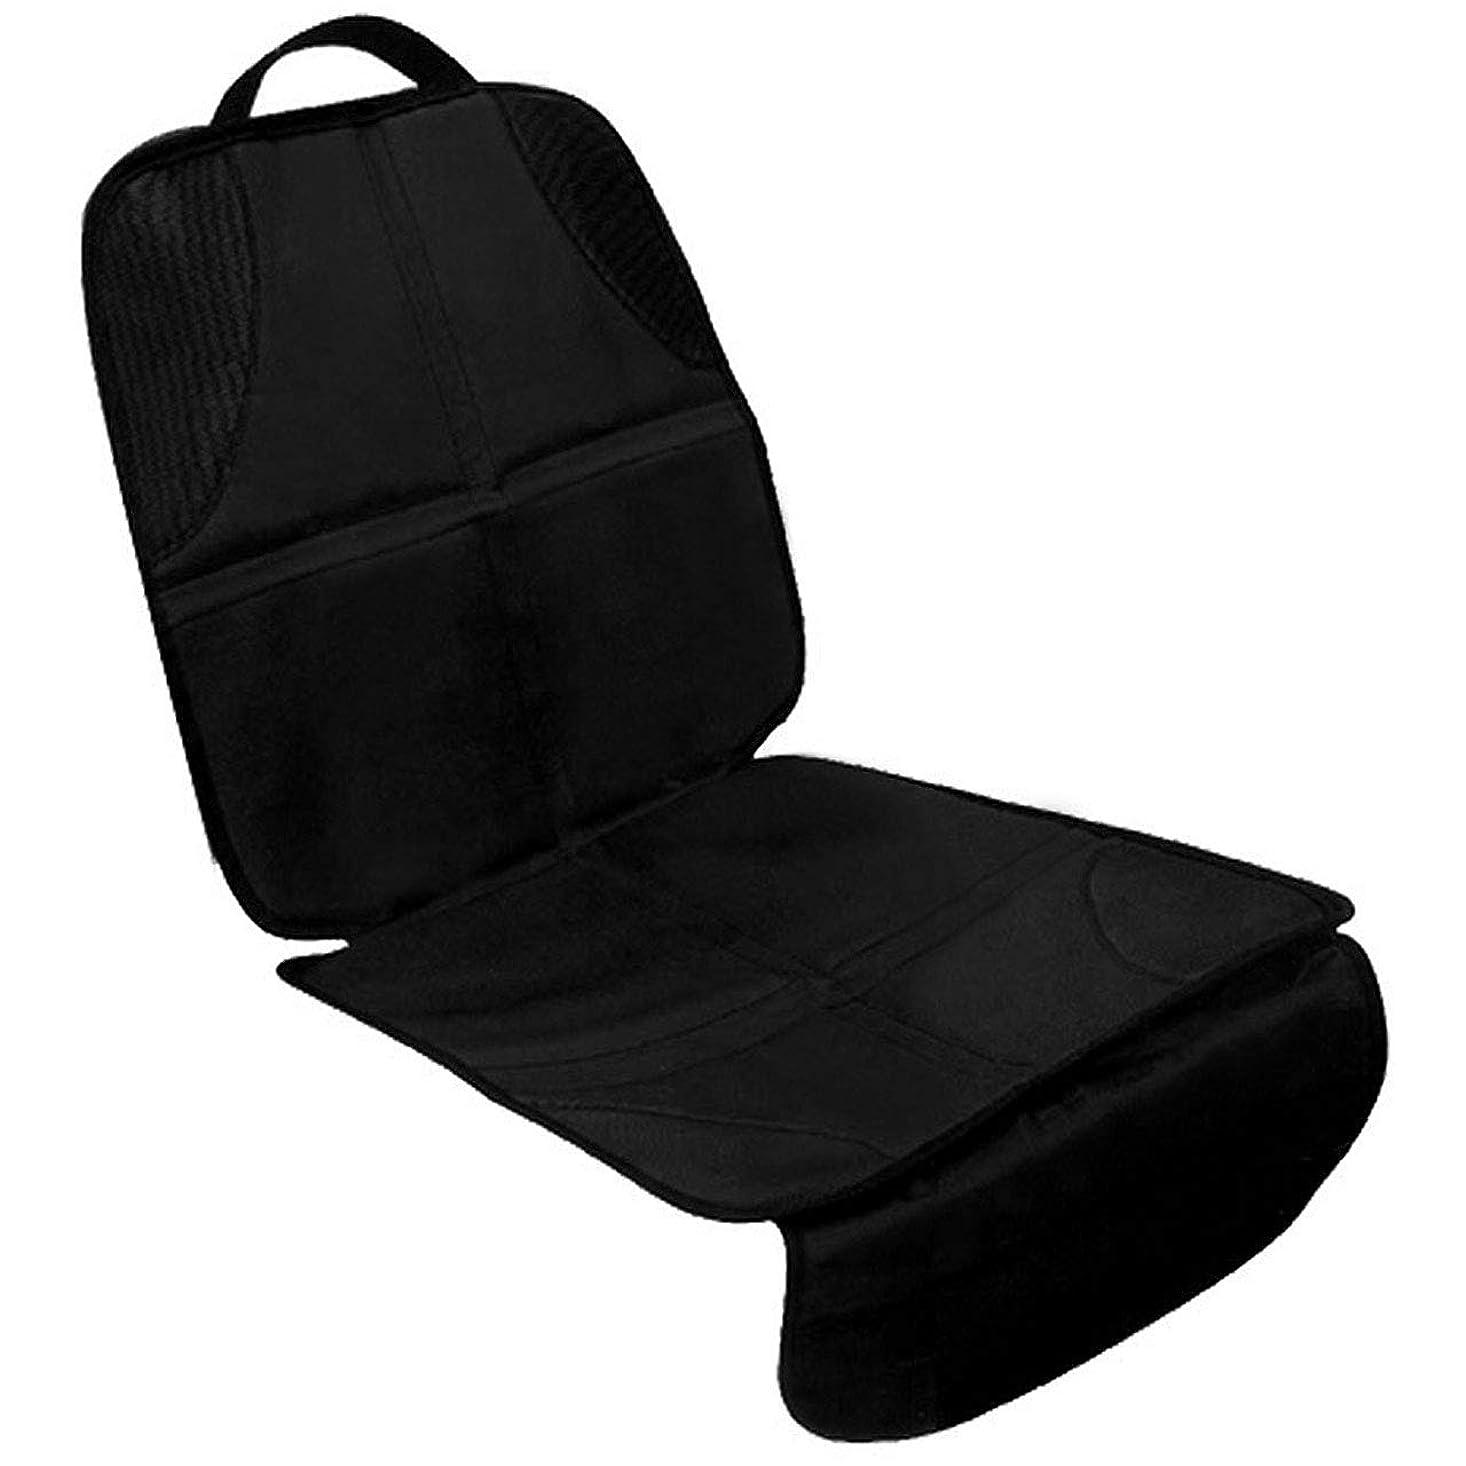 地元トレーダー換気する【Lucien 】チャイルドシート 保護マット シートカバー 収納ポケット付き 車座席保護 lc-001